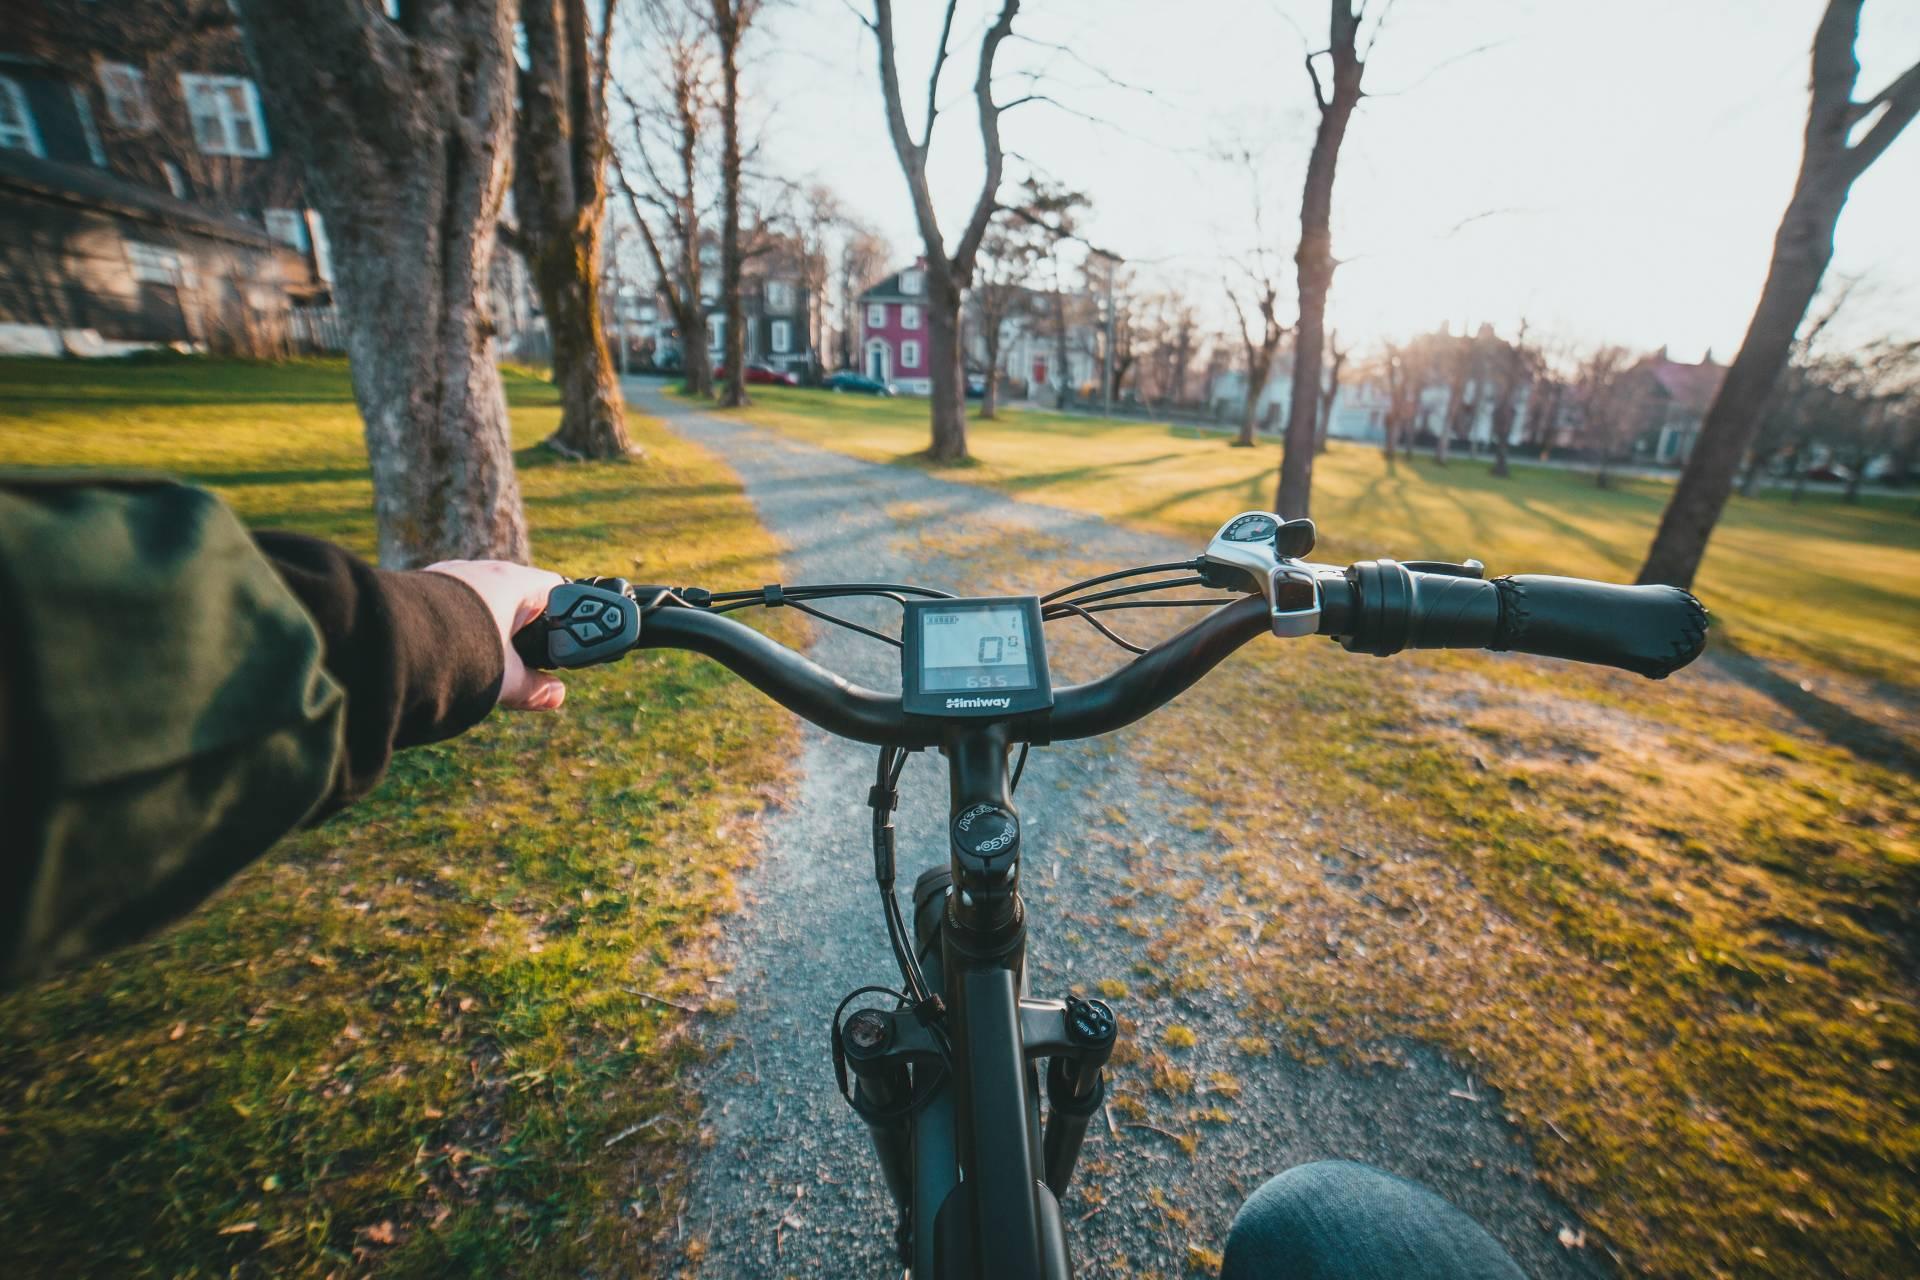 Mann fährt auf Fahrrad durch Allee mit Bäumen in der Sonne